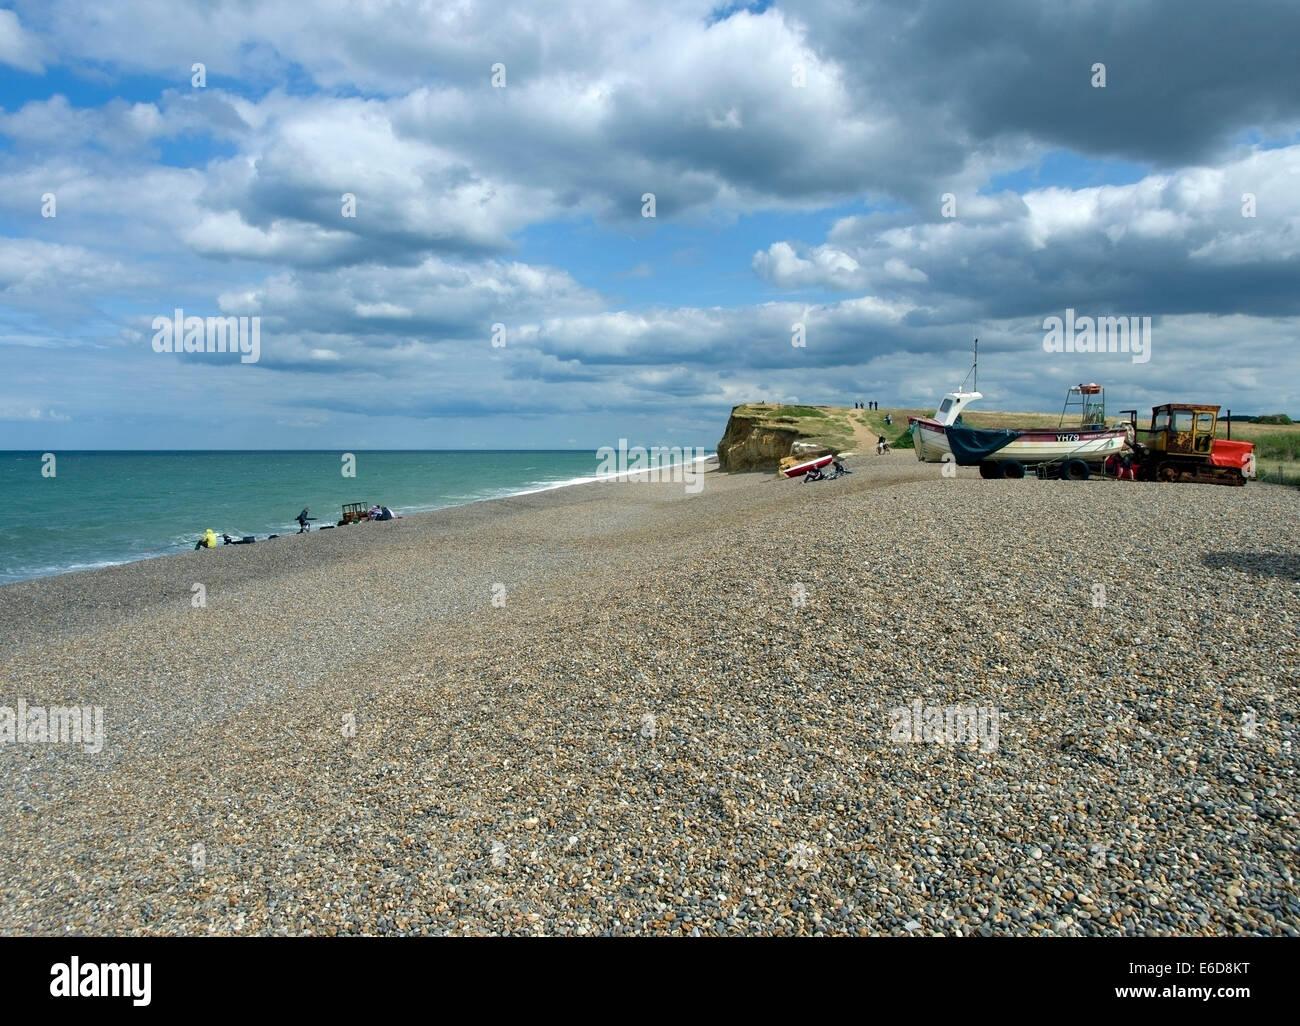 shingle beach at Weybourne on the North Norfolk coast. - Stock Image